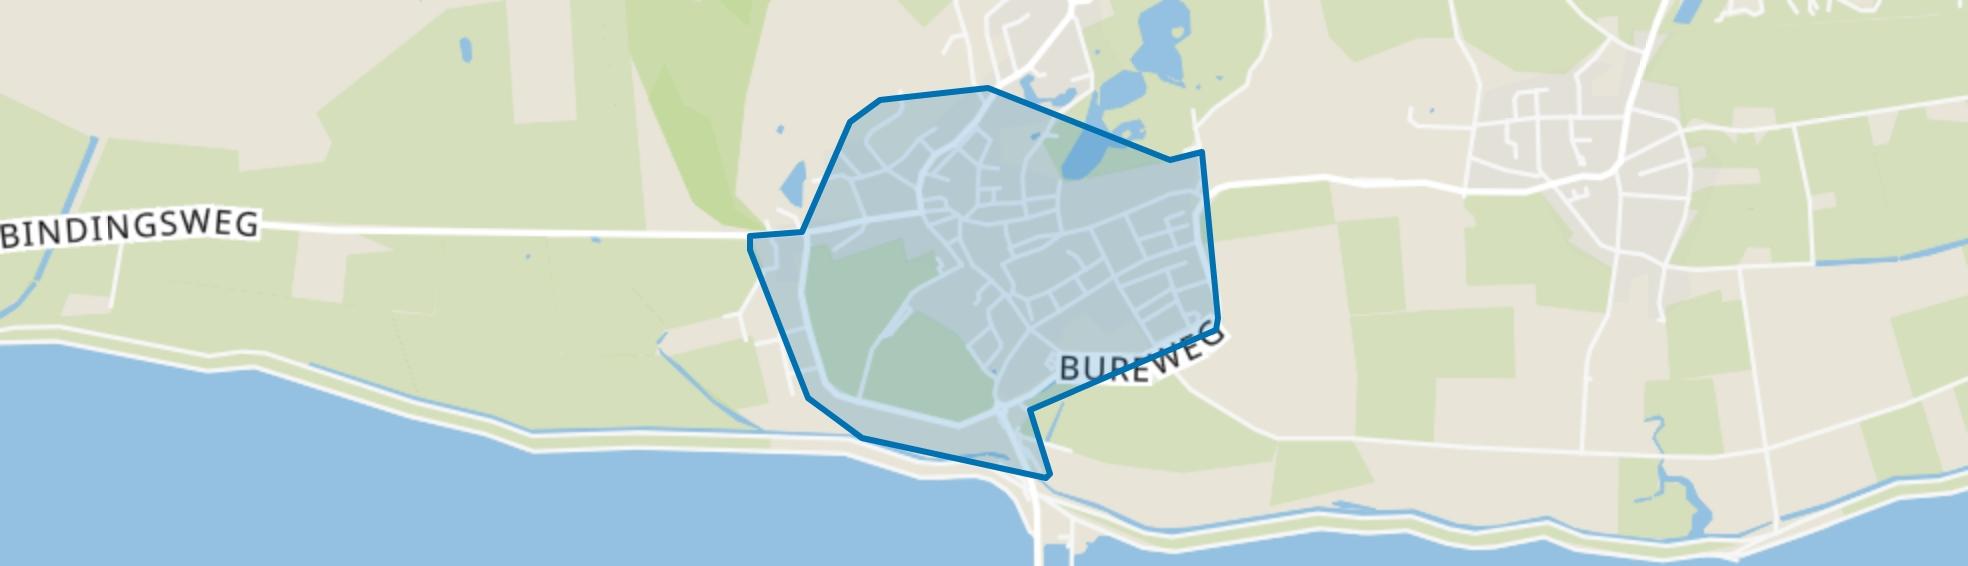 Nes, Nes (Gem. Ameland) map